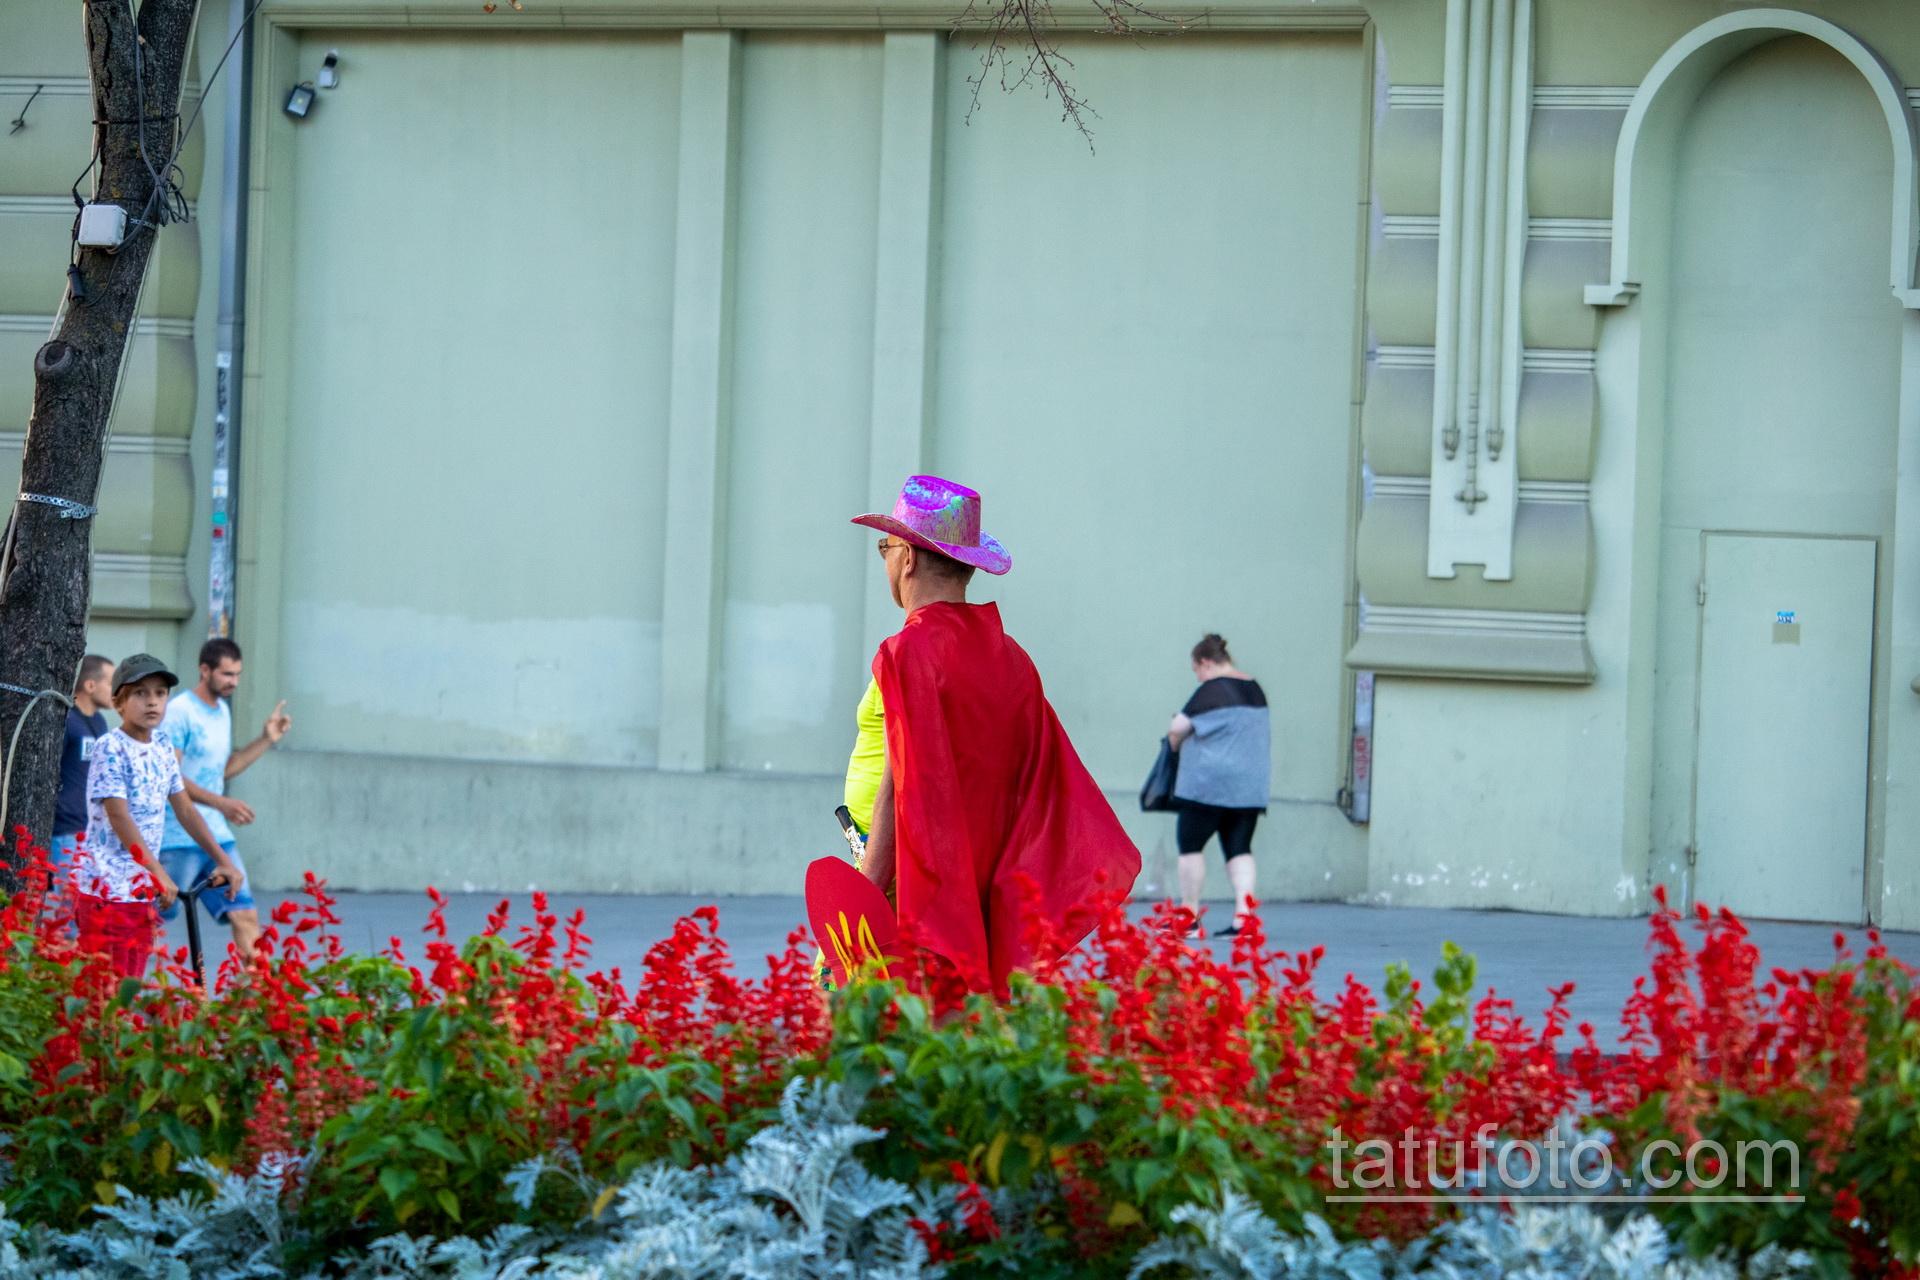 Фото мужчины в костюме героя с плащом и мечем – щитом с украинским гербом – Уличная татуировка 14.09.2020 – tatufoto.com 8